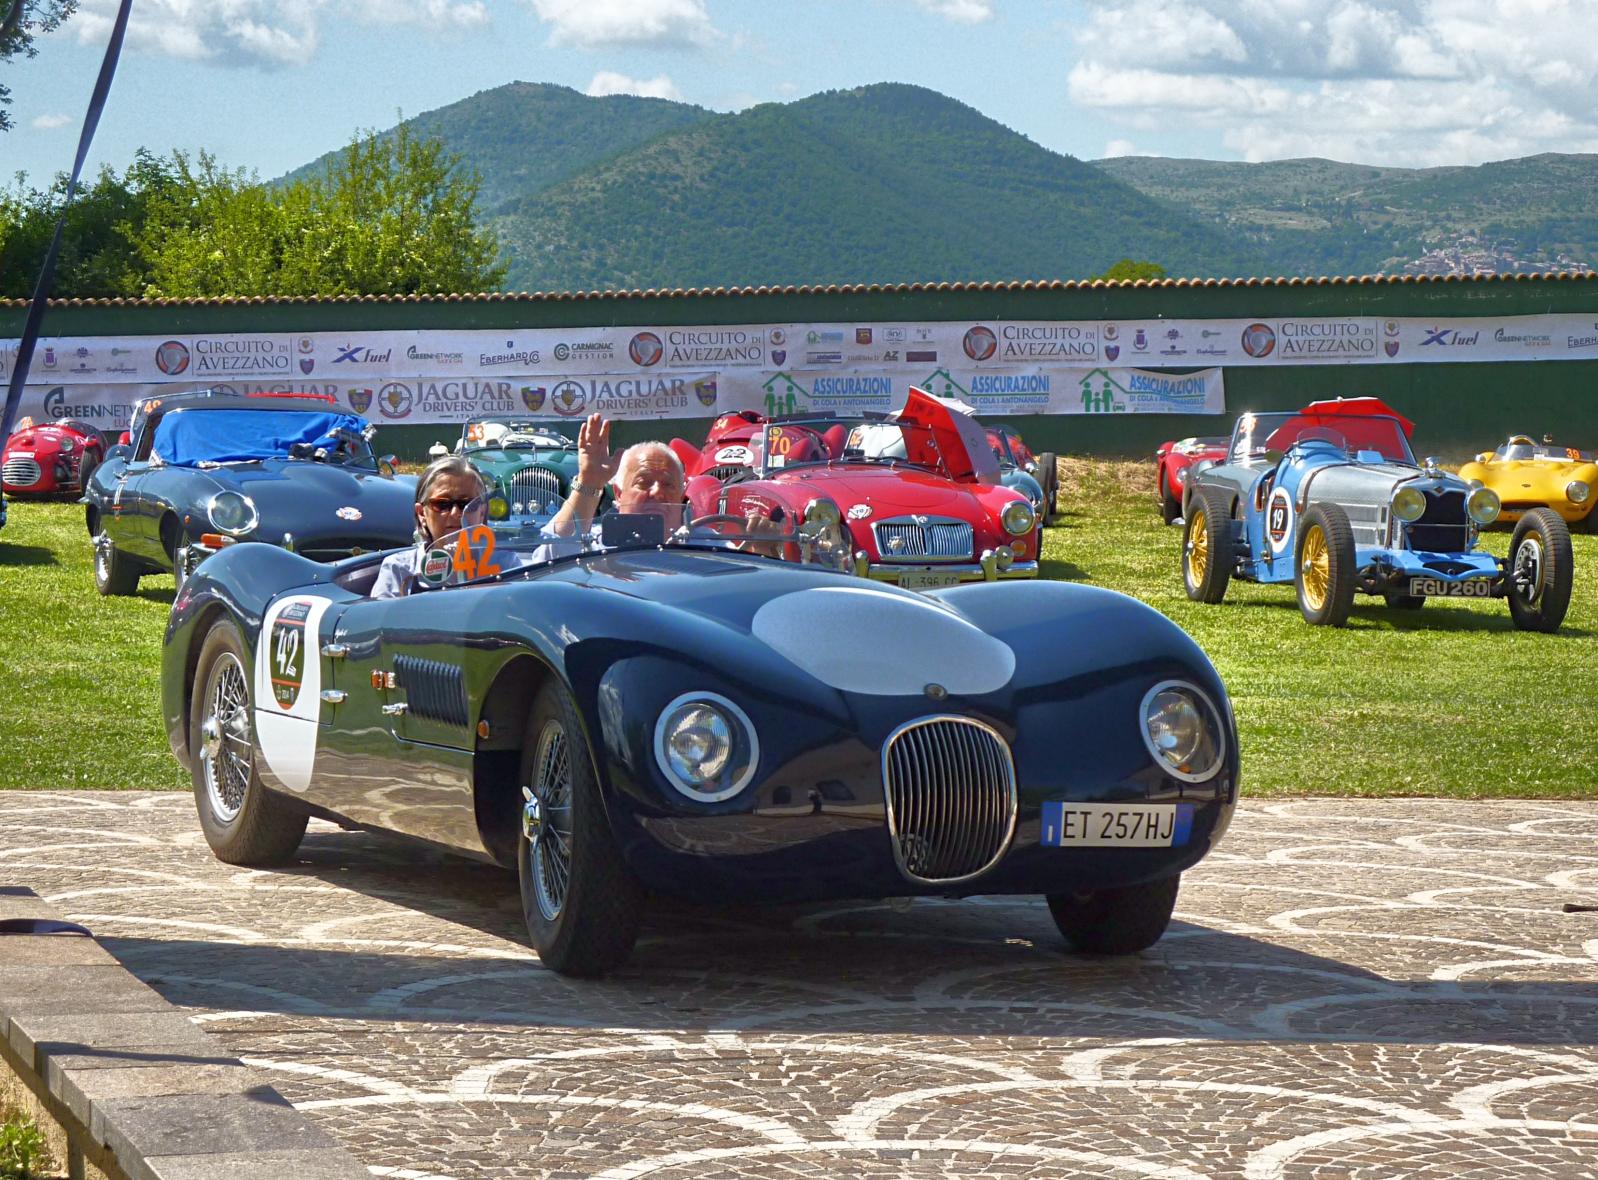 Circuito DI Avezzano 2014 (334).jpg